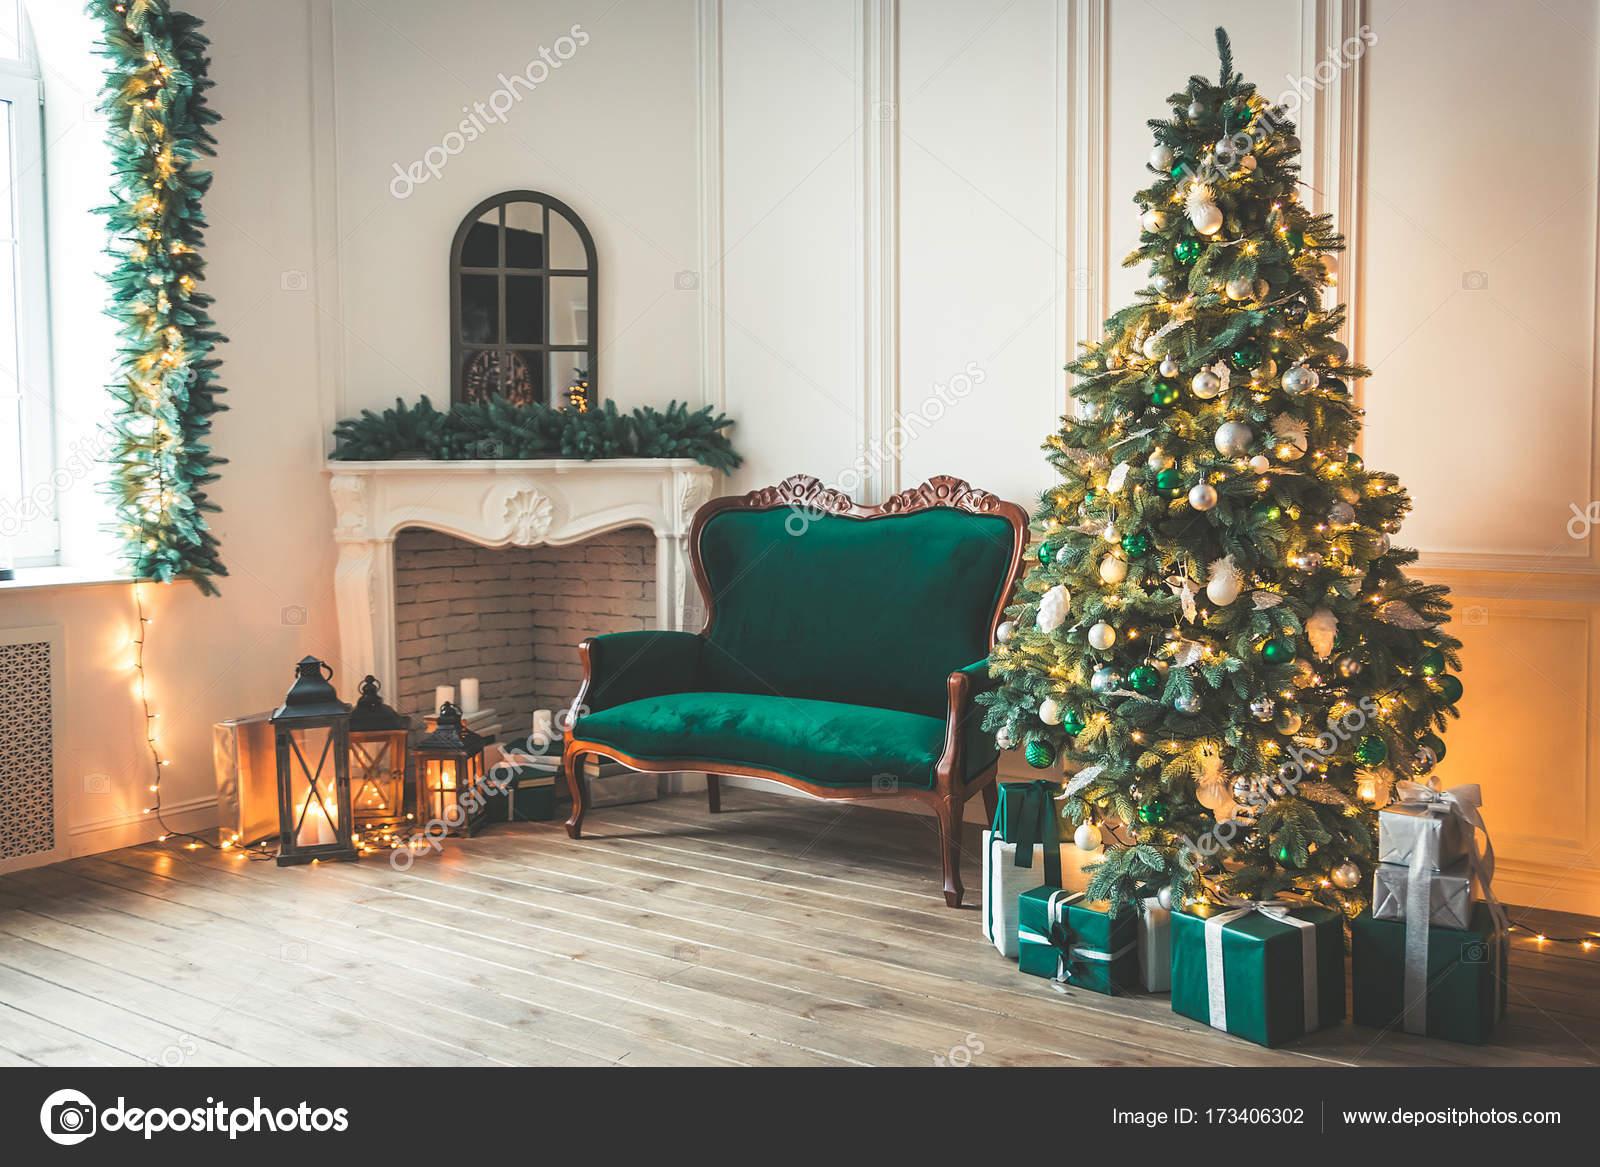 Weihnachten Wohnzimmer Mit Kamin Sofa Weihnachtsbaum Und Geschenke Schöne  Neue U2014 Stockfoto